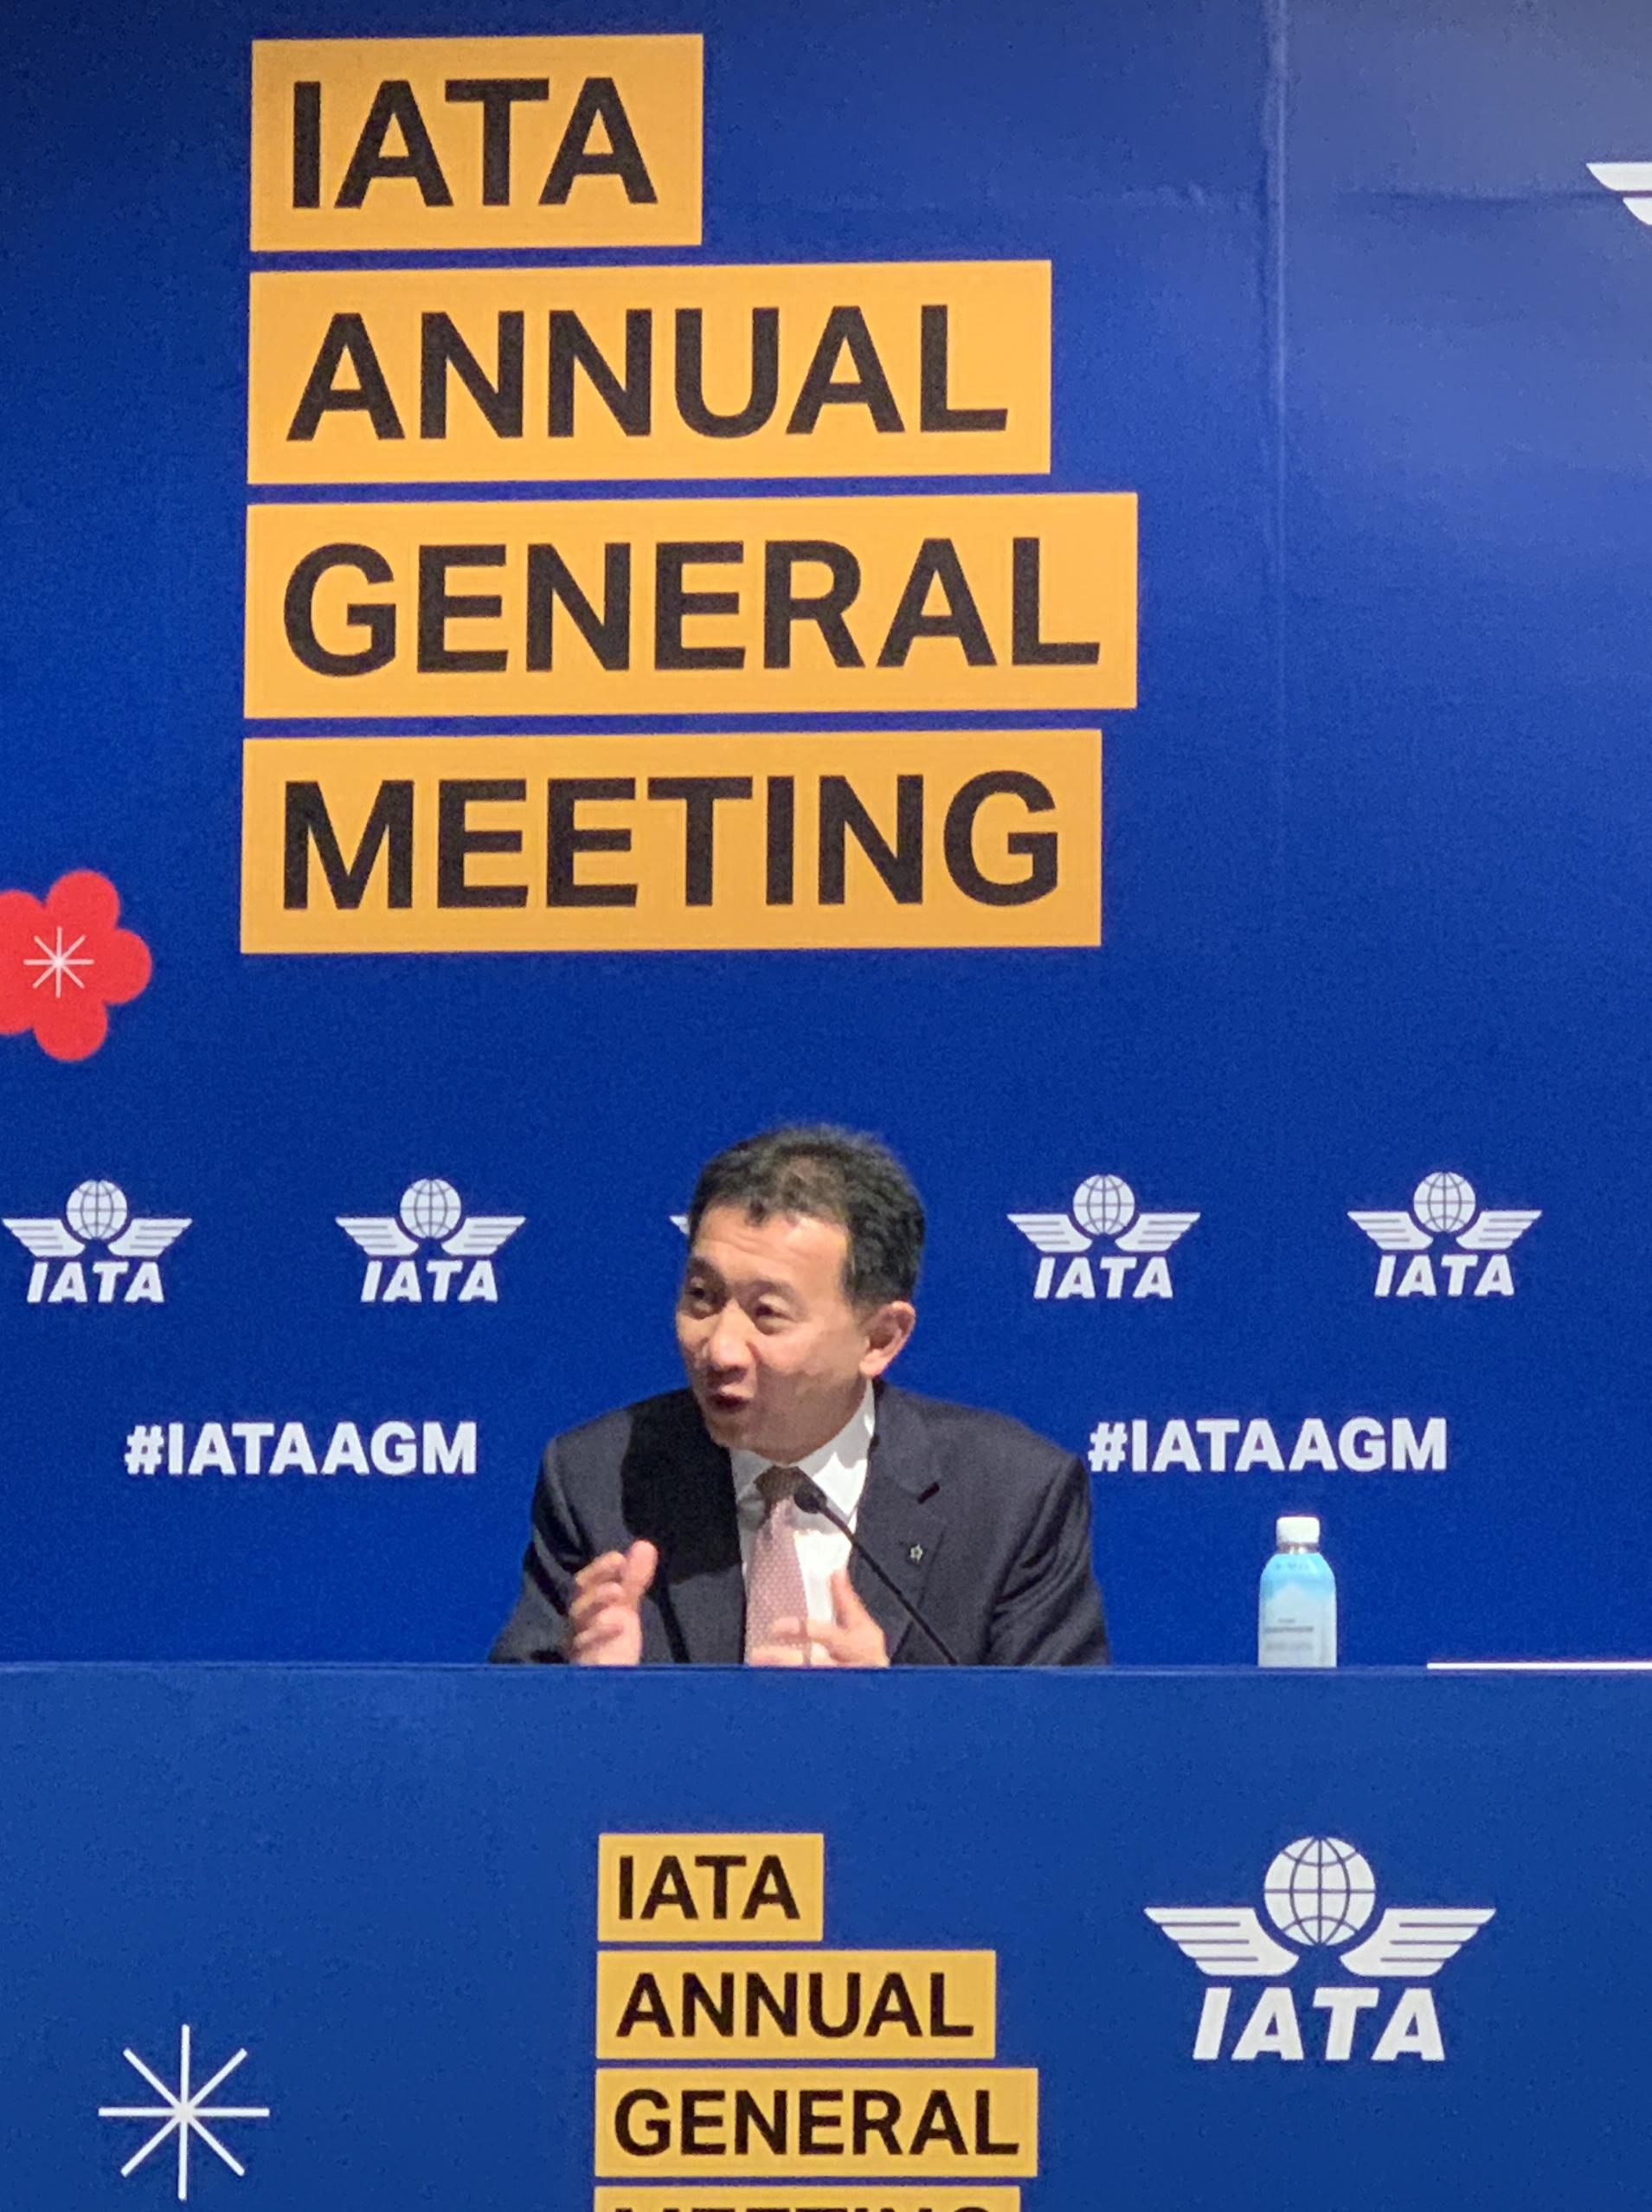 03169aabe3e5 A hírt ma hajnalban jelentett be Szöulban, ahol a légitársaságok nemzetközi  szervezete, a IATA tartja az idei éves közgyűlését. Jeffrey Goh arról is  beszélt ...